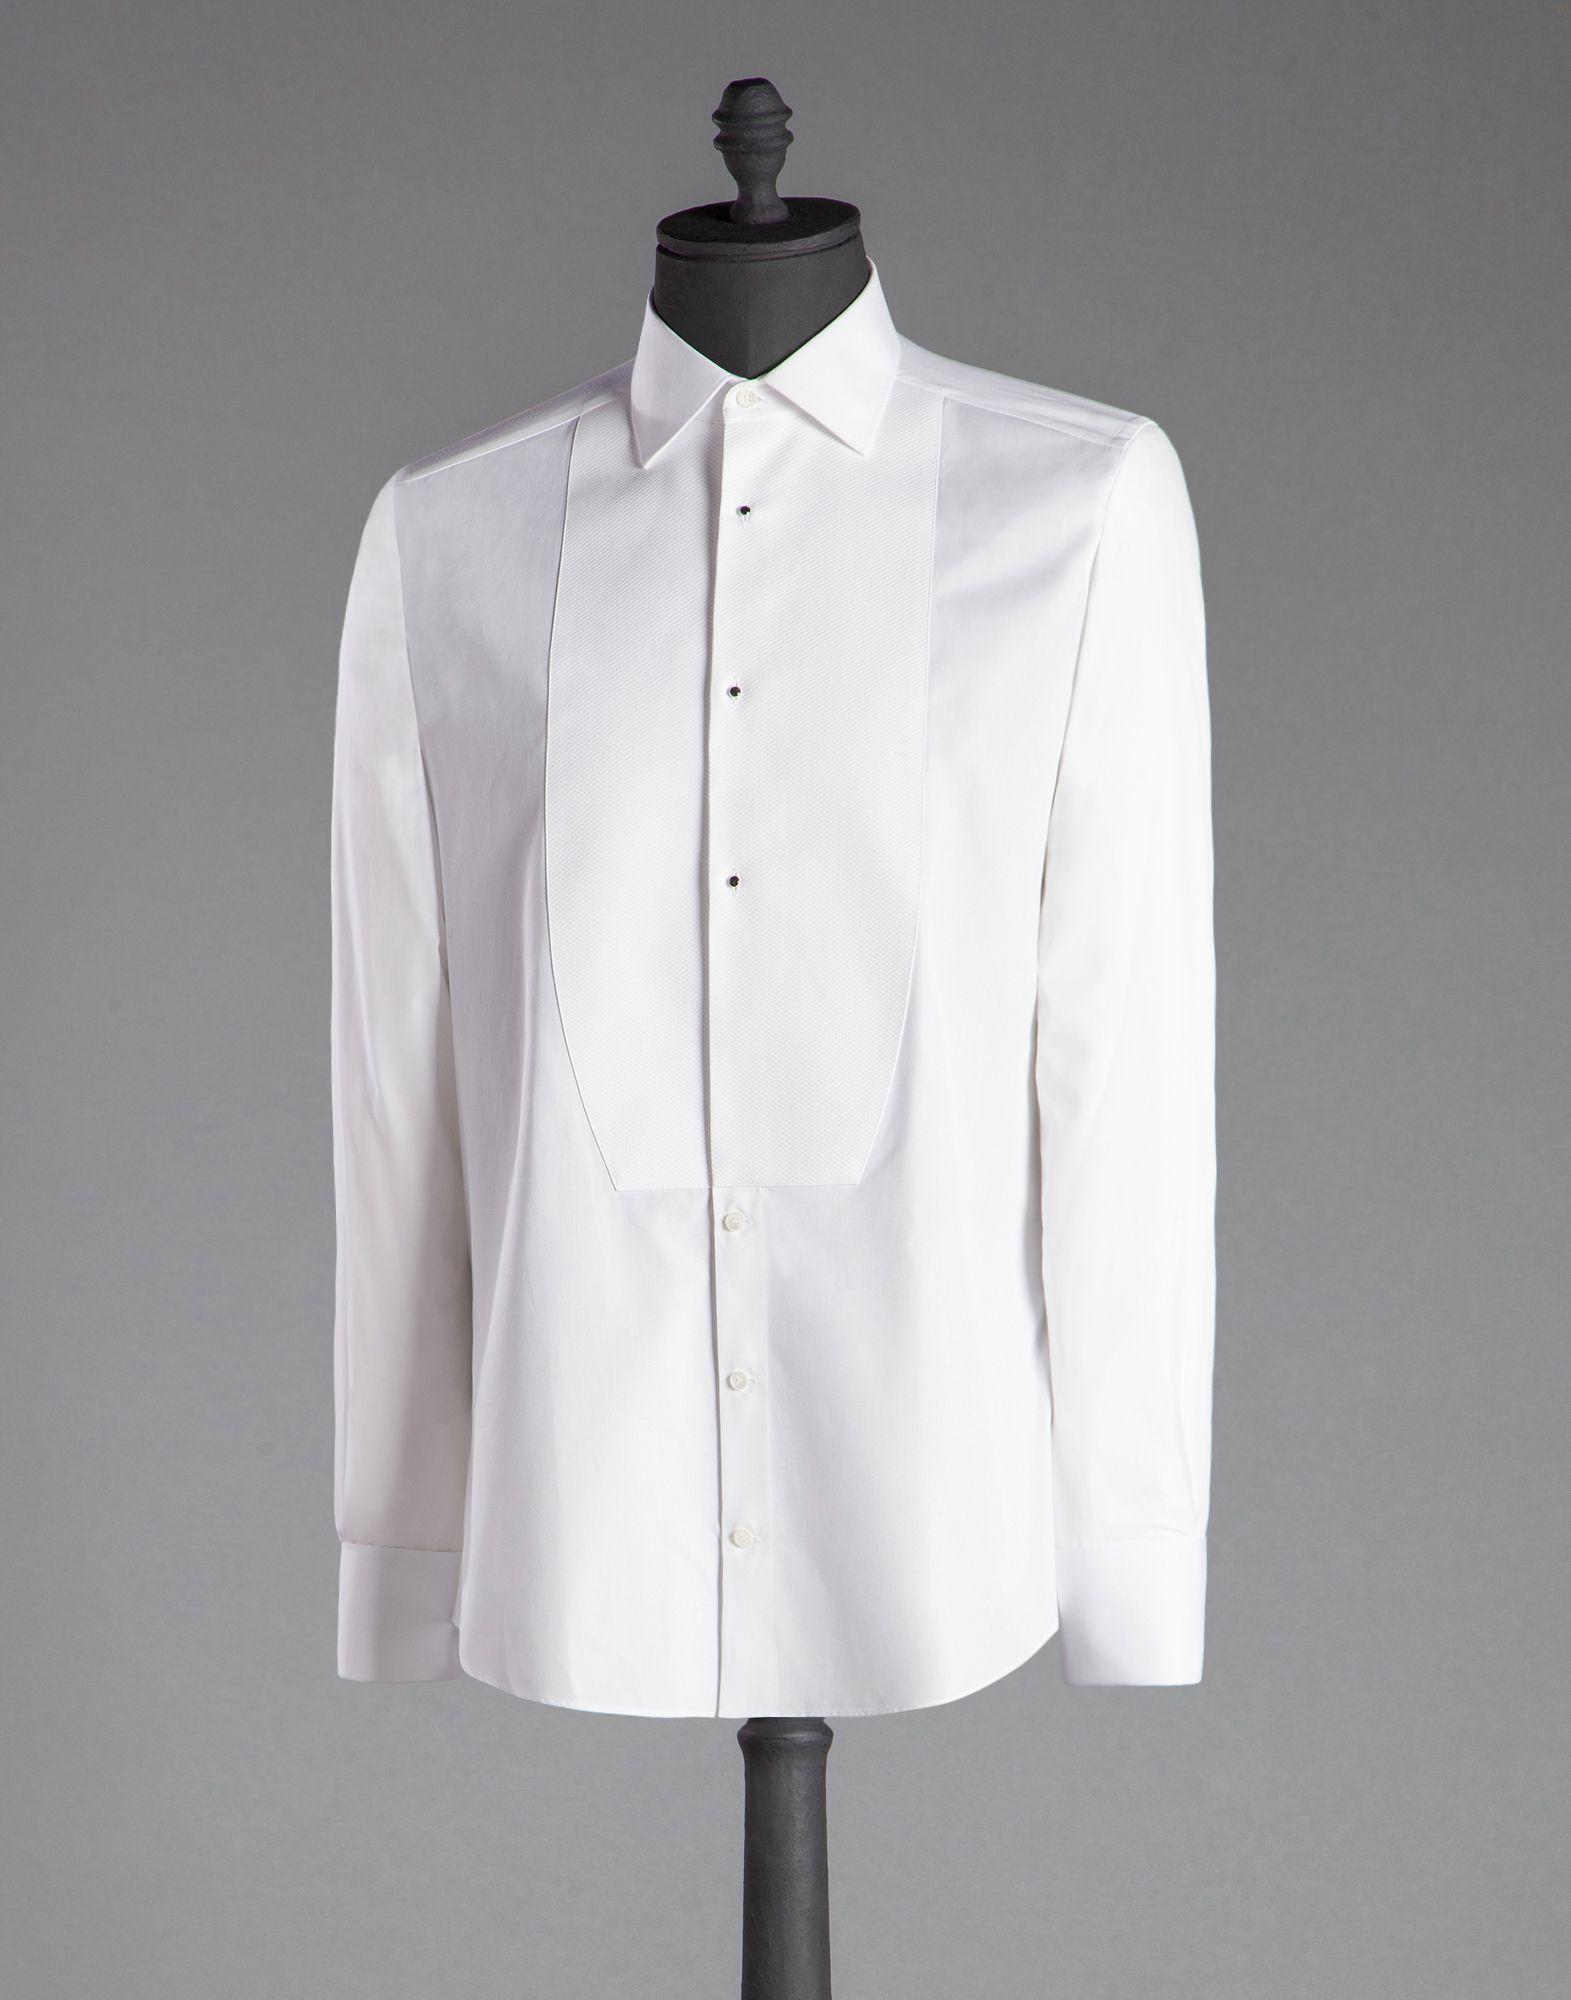 Dolce Amp Gabbana Gold Fit Tuxedo Shirt In Cotton Poplin In